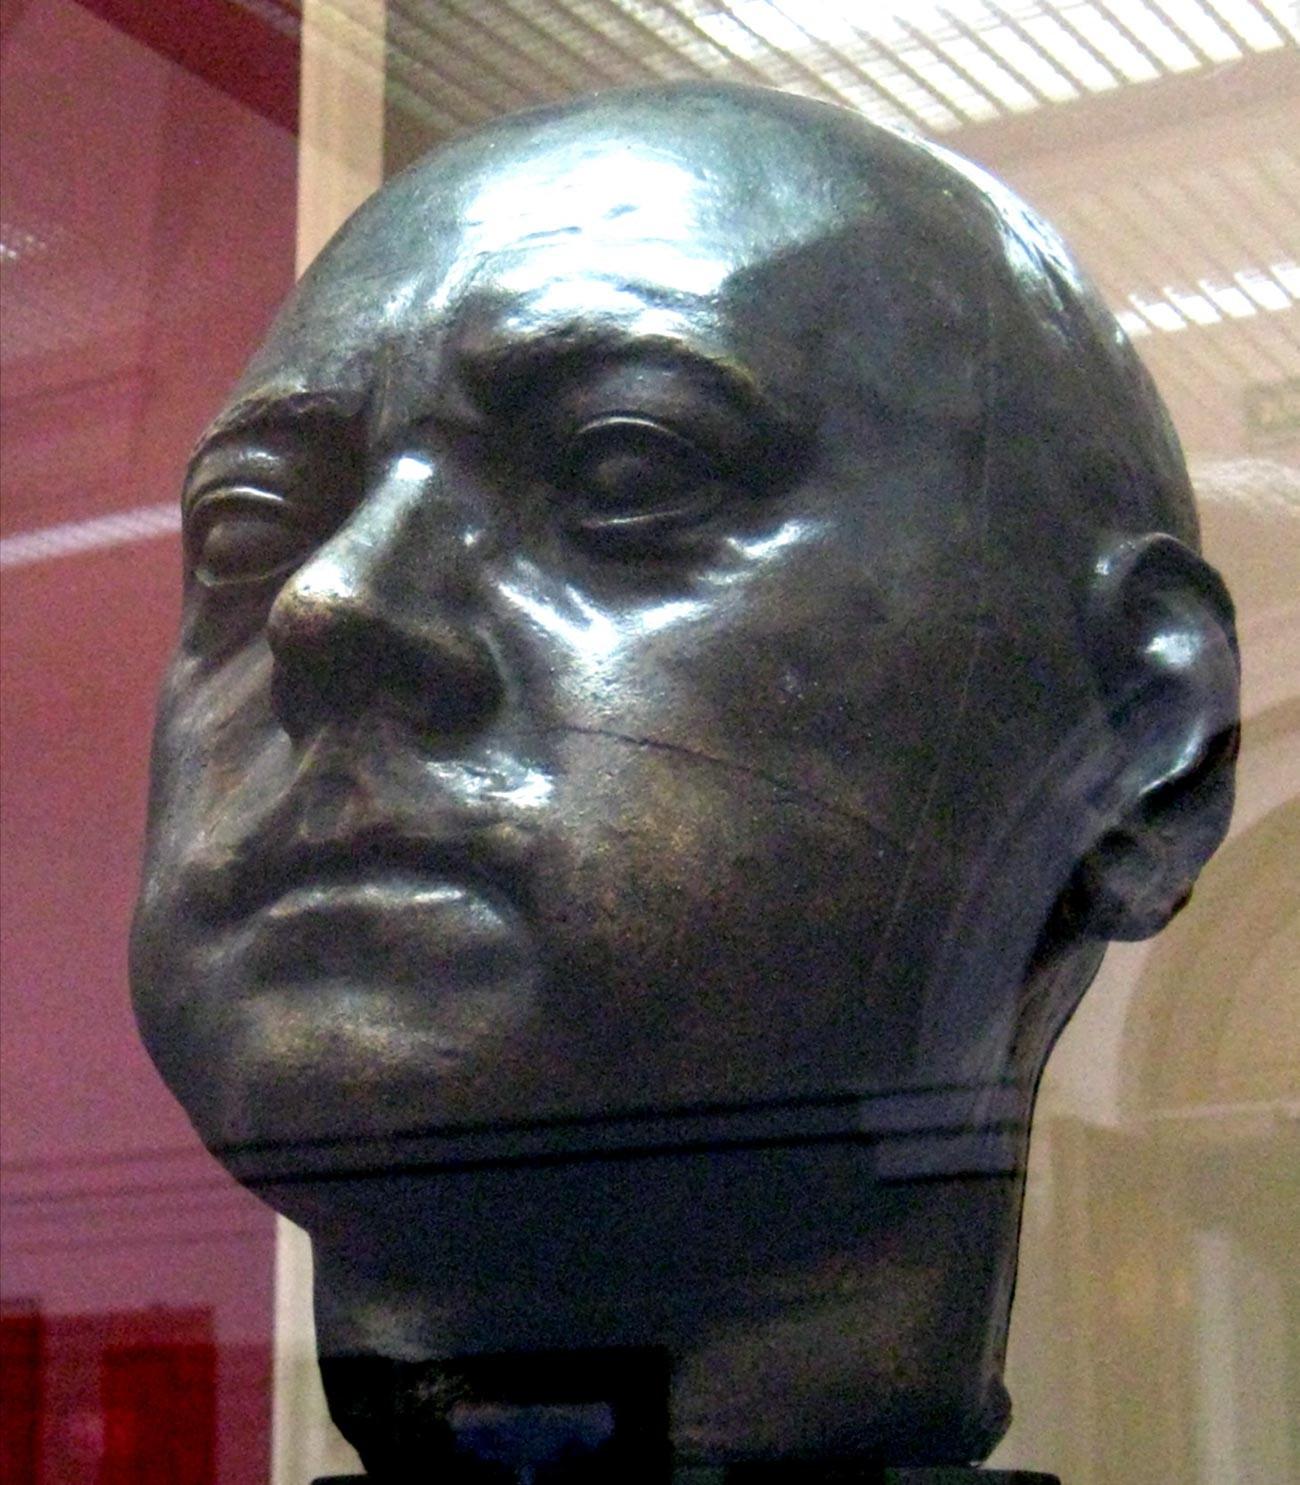 Скульптурный портрет Петра Великого, сделанный по его посмертной маске. Хранится в Государственном Историческом музее.